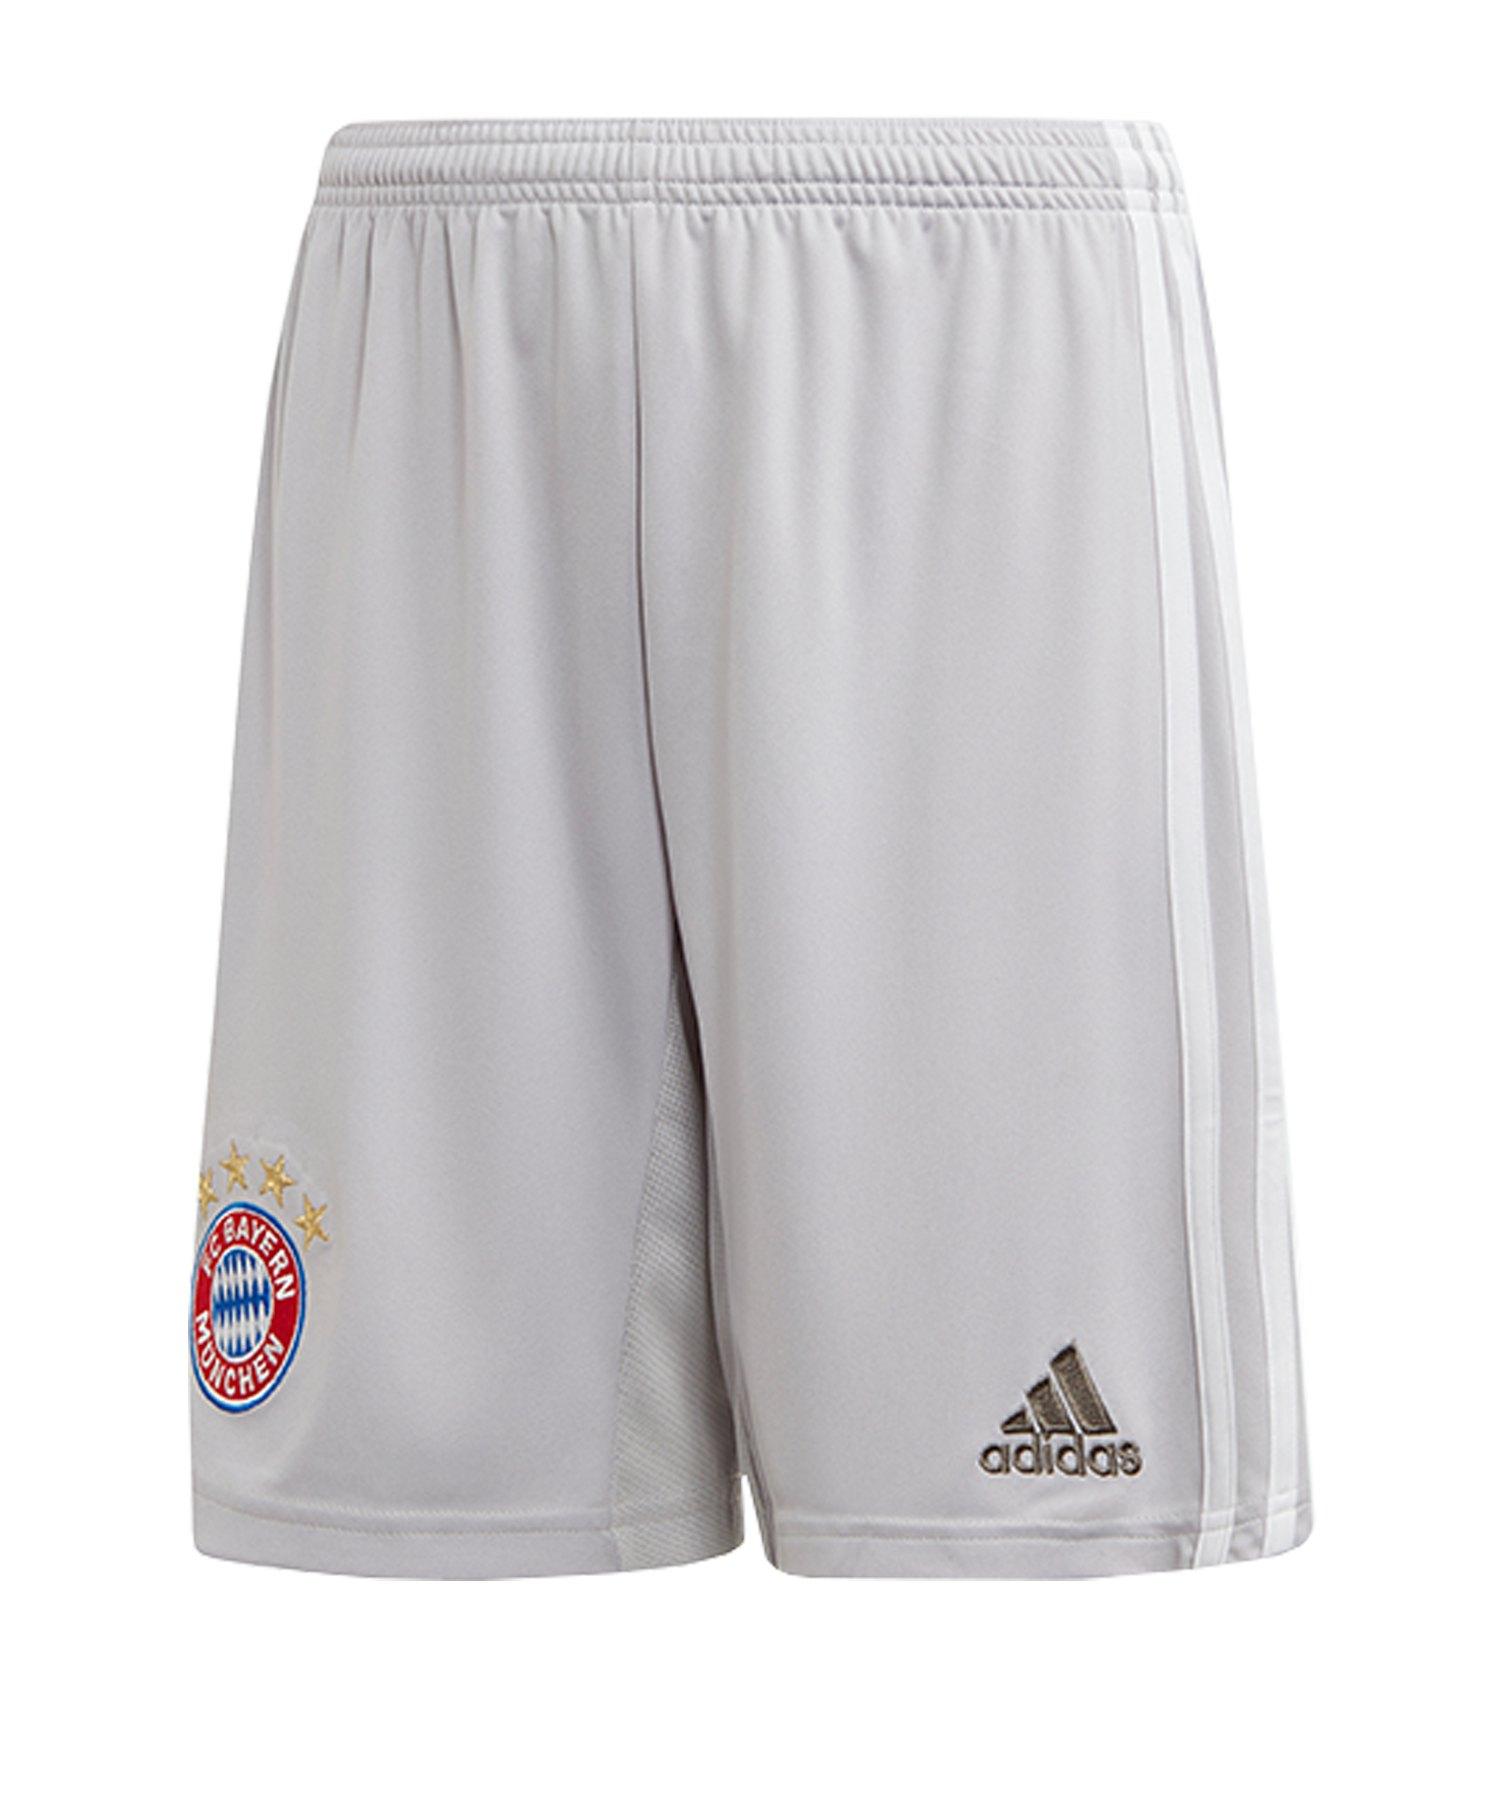 adidas FC Bayern München Short Away 20192020 Kids